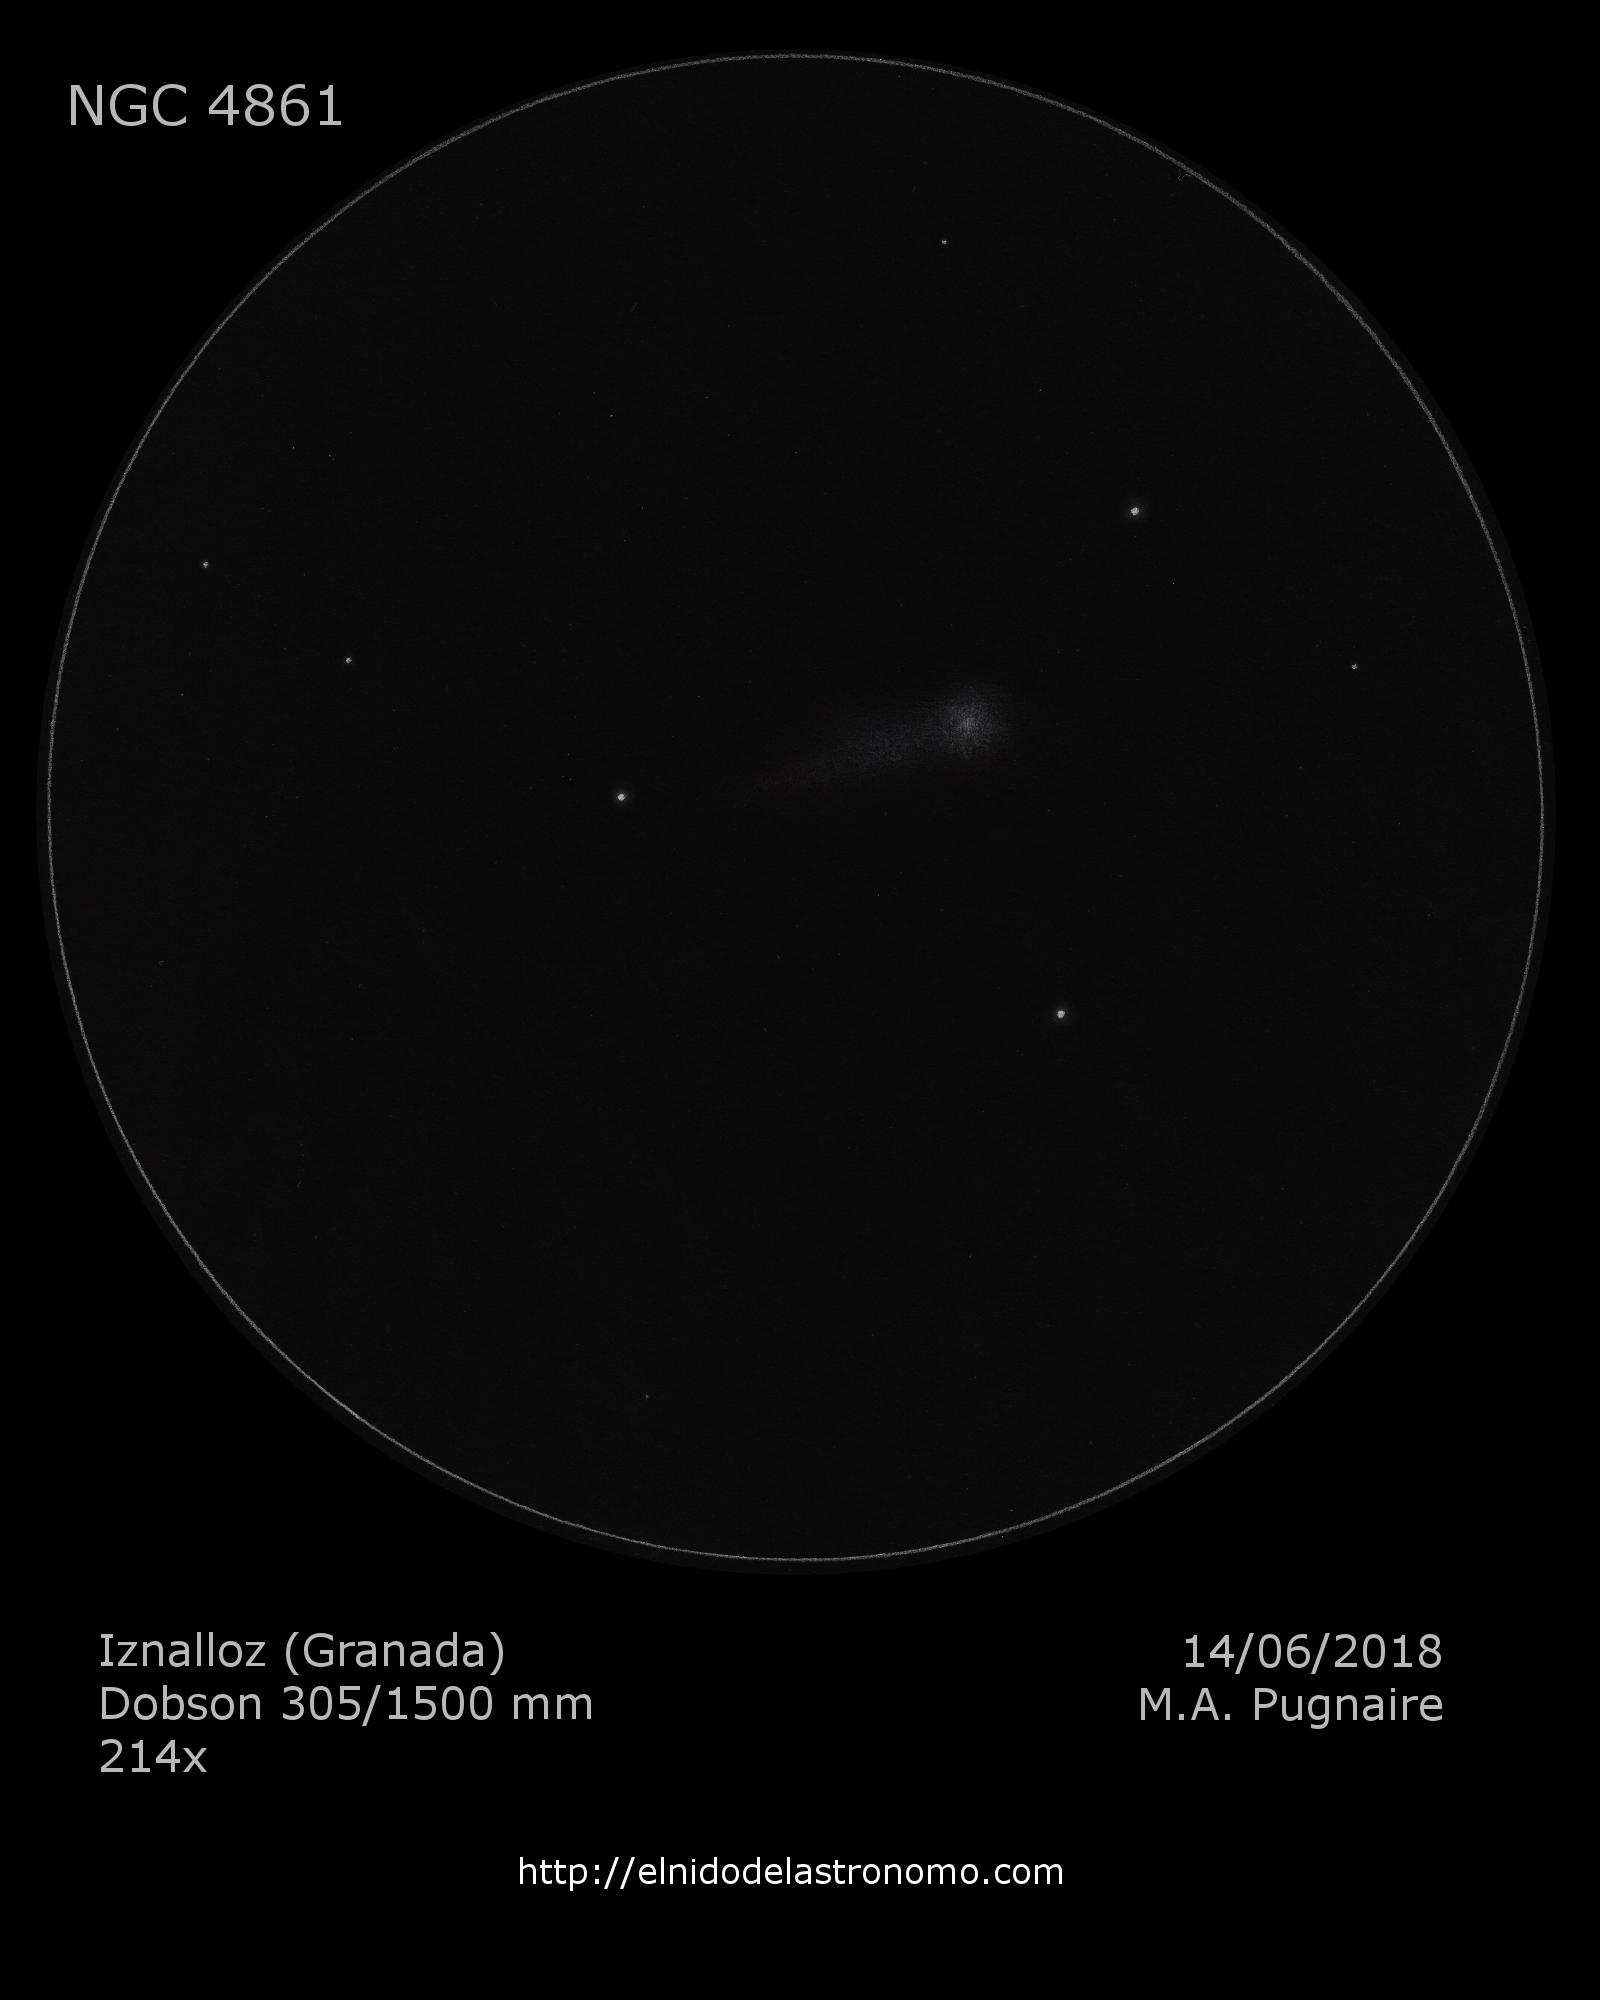 NGC 4861